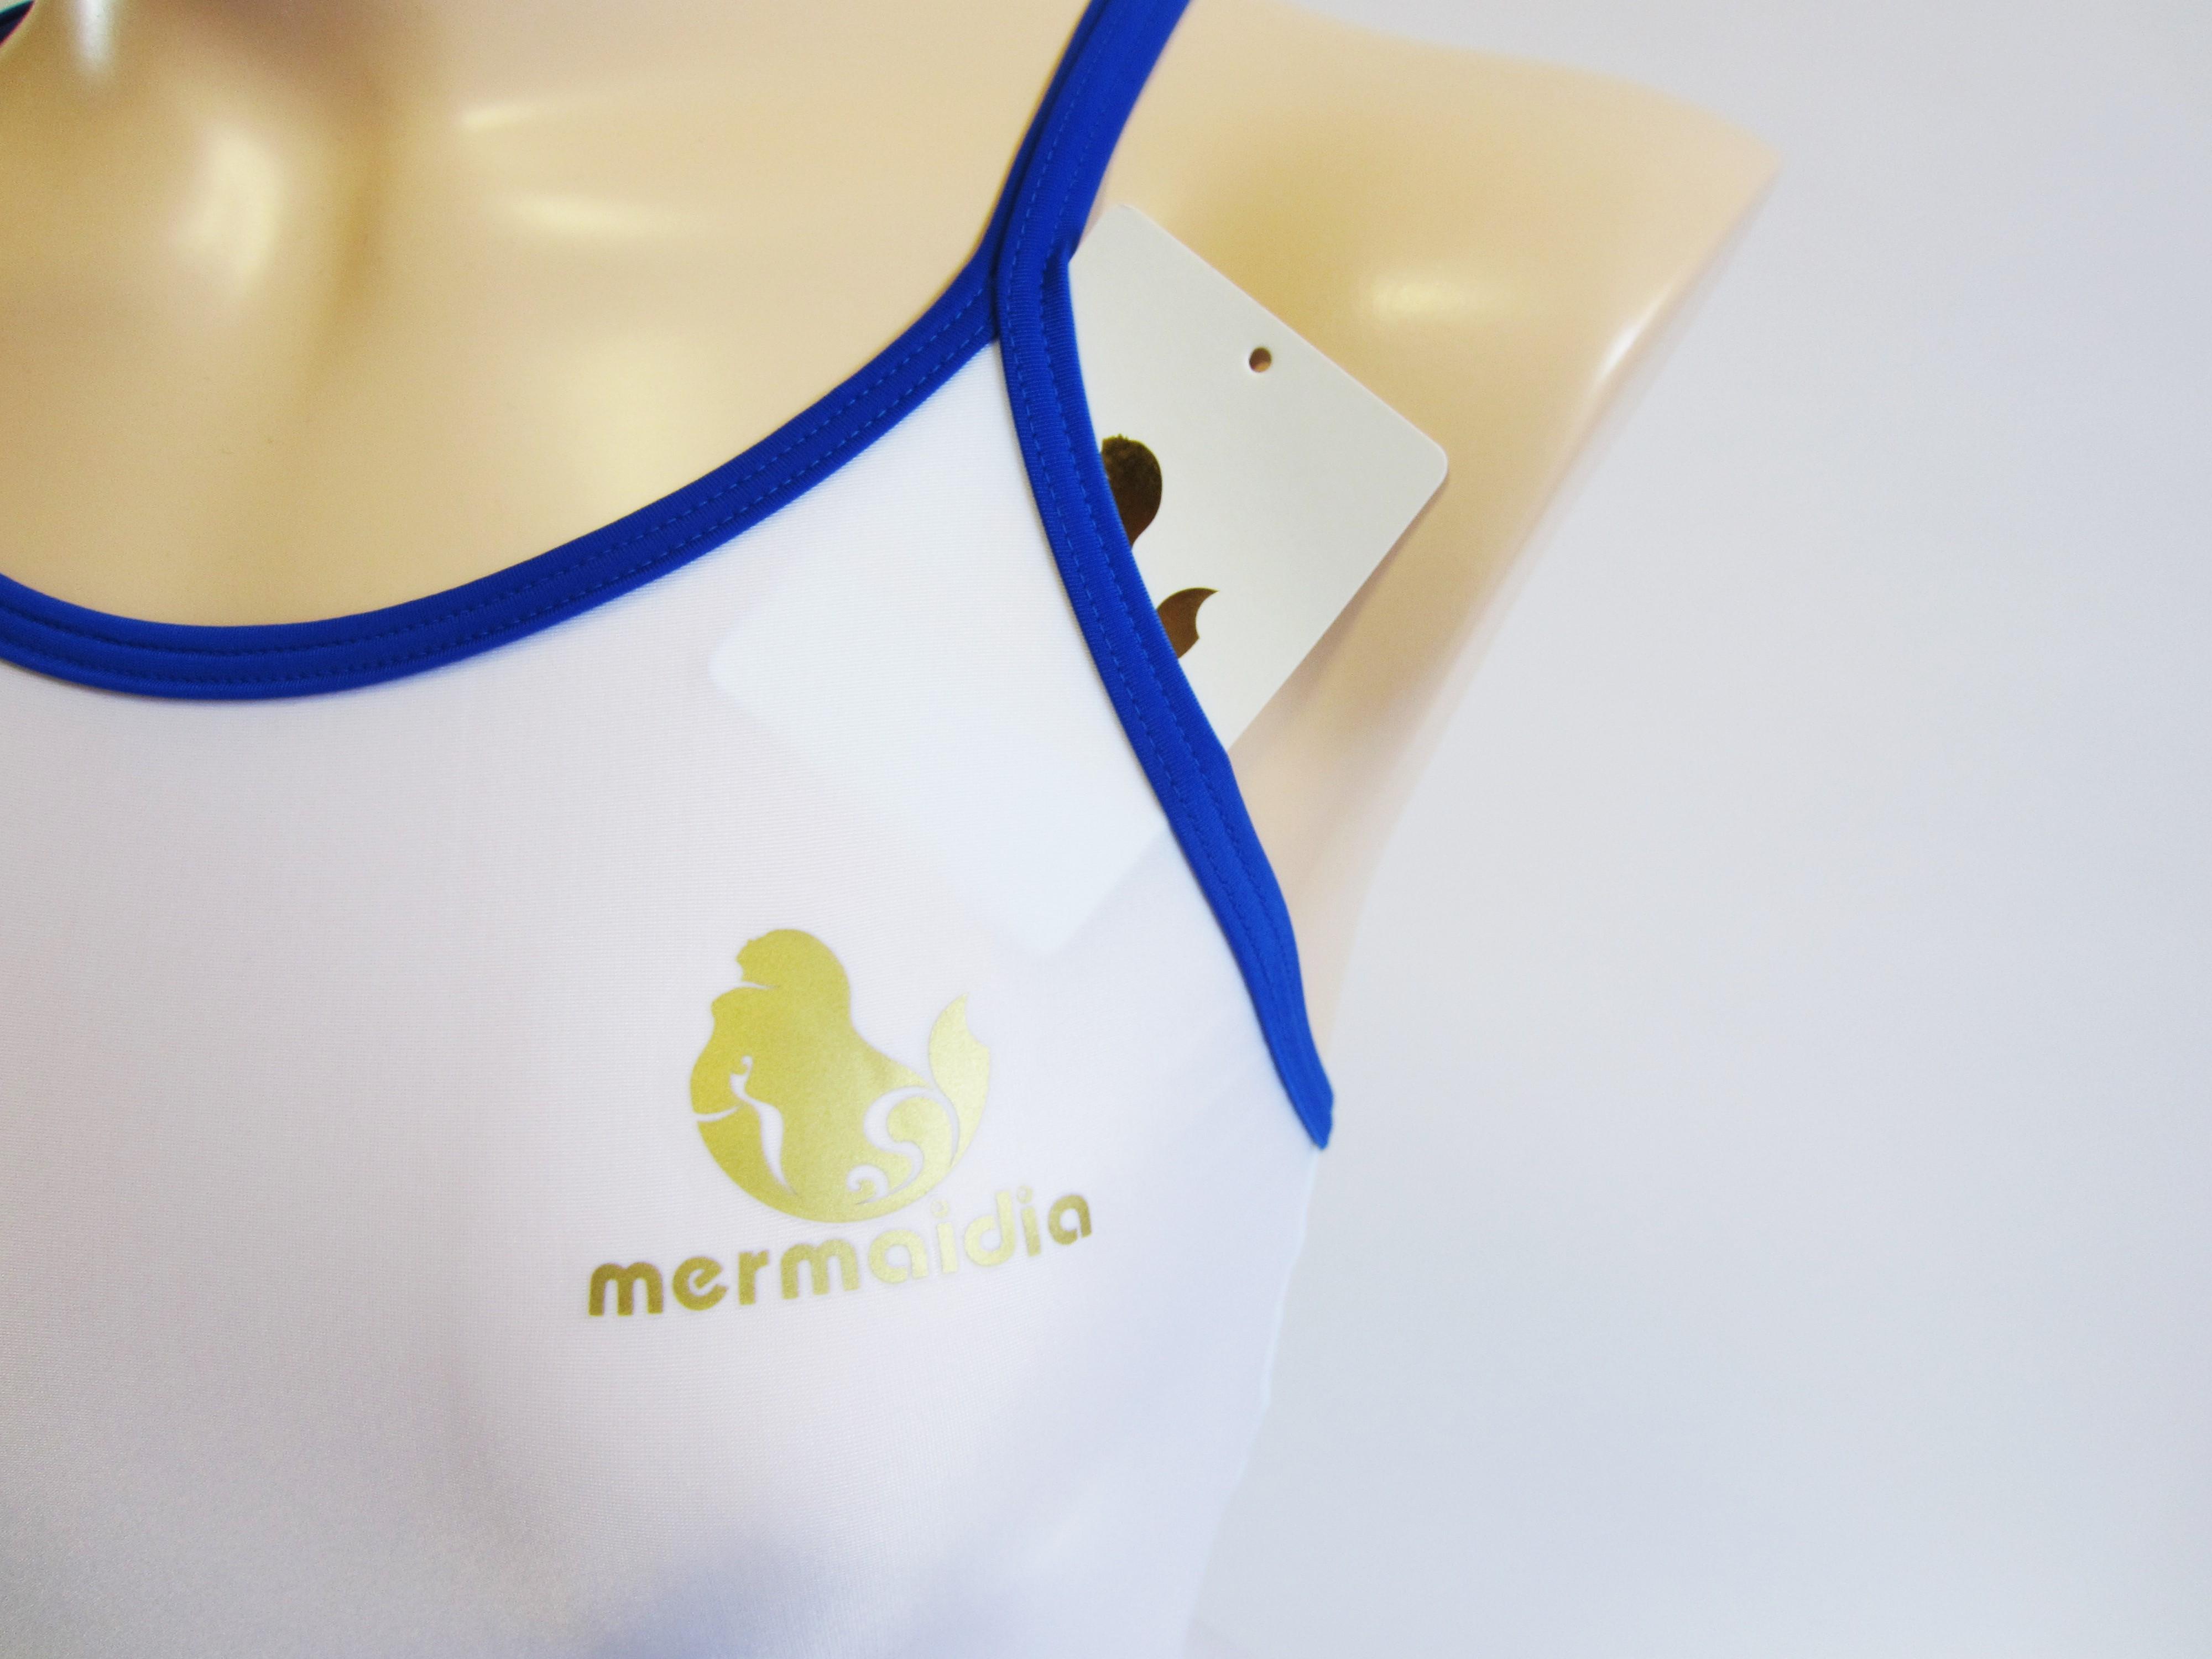 Mermaidia (マーメイディア) スクール水着 ホワイト × ロイヤルブルー スク水